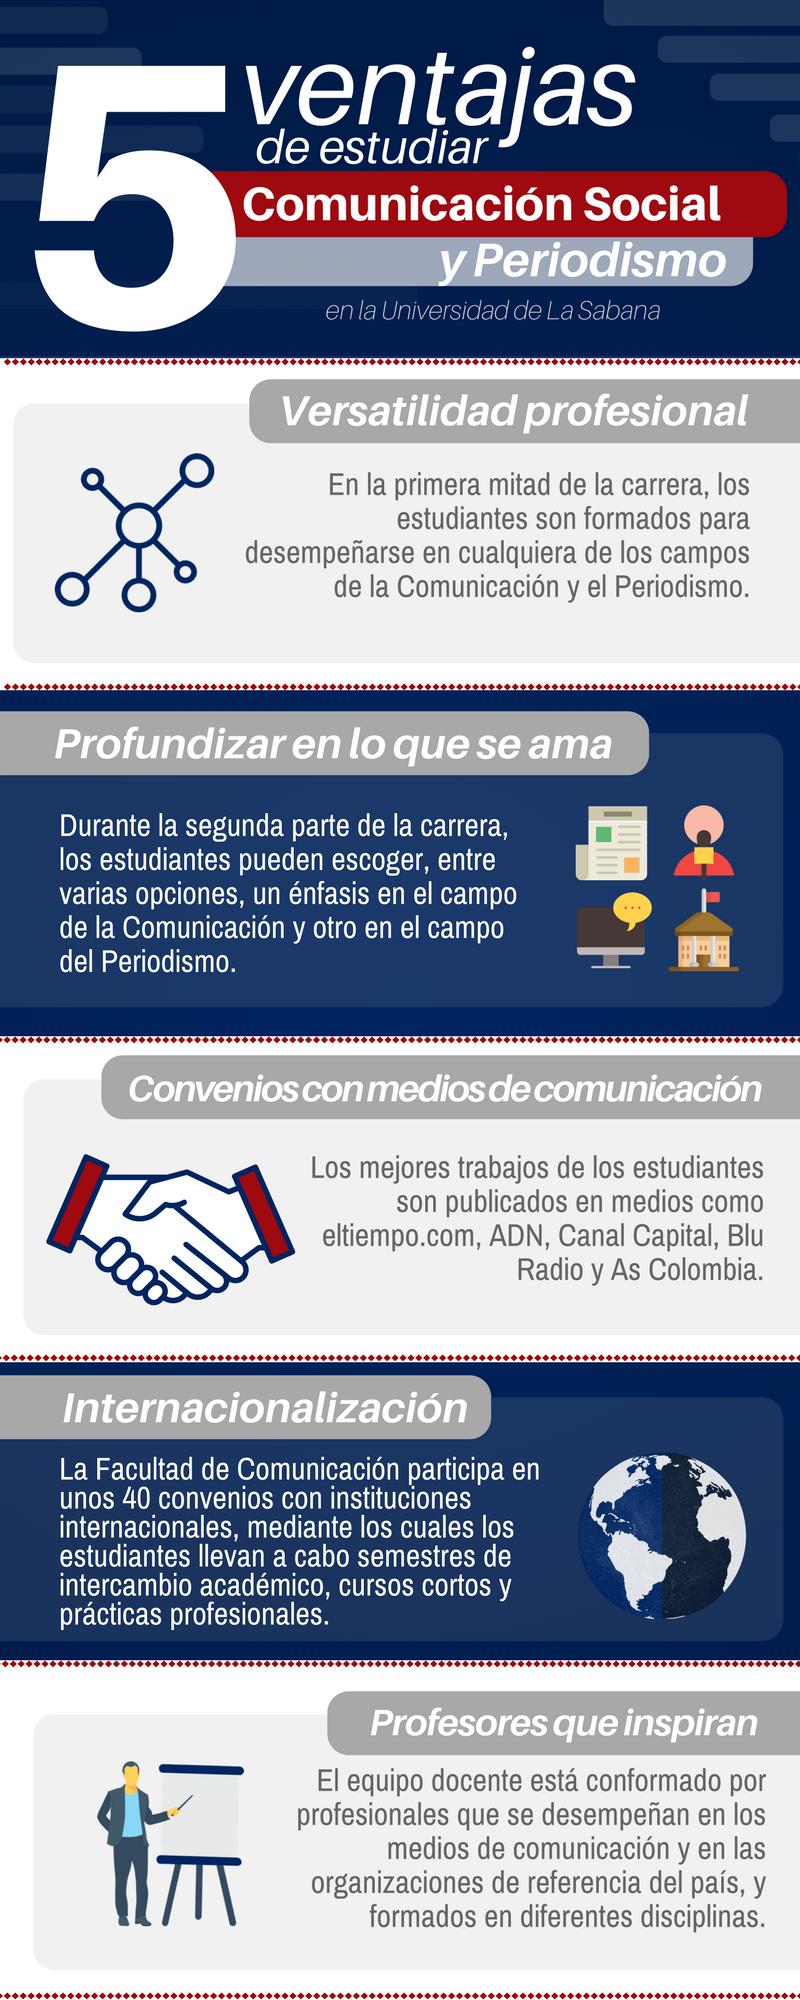 Ventajas de estudiar Comunicación Social y Periodismo en la Universidad de La Sabana